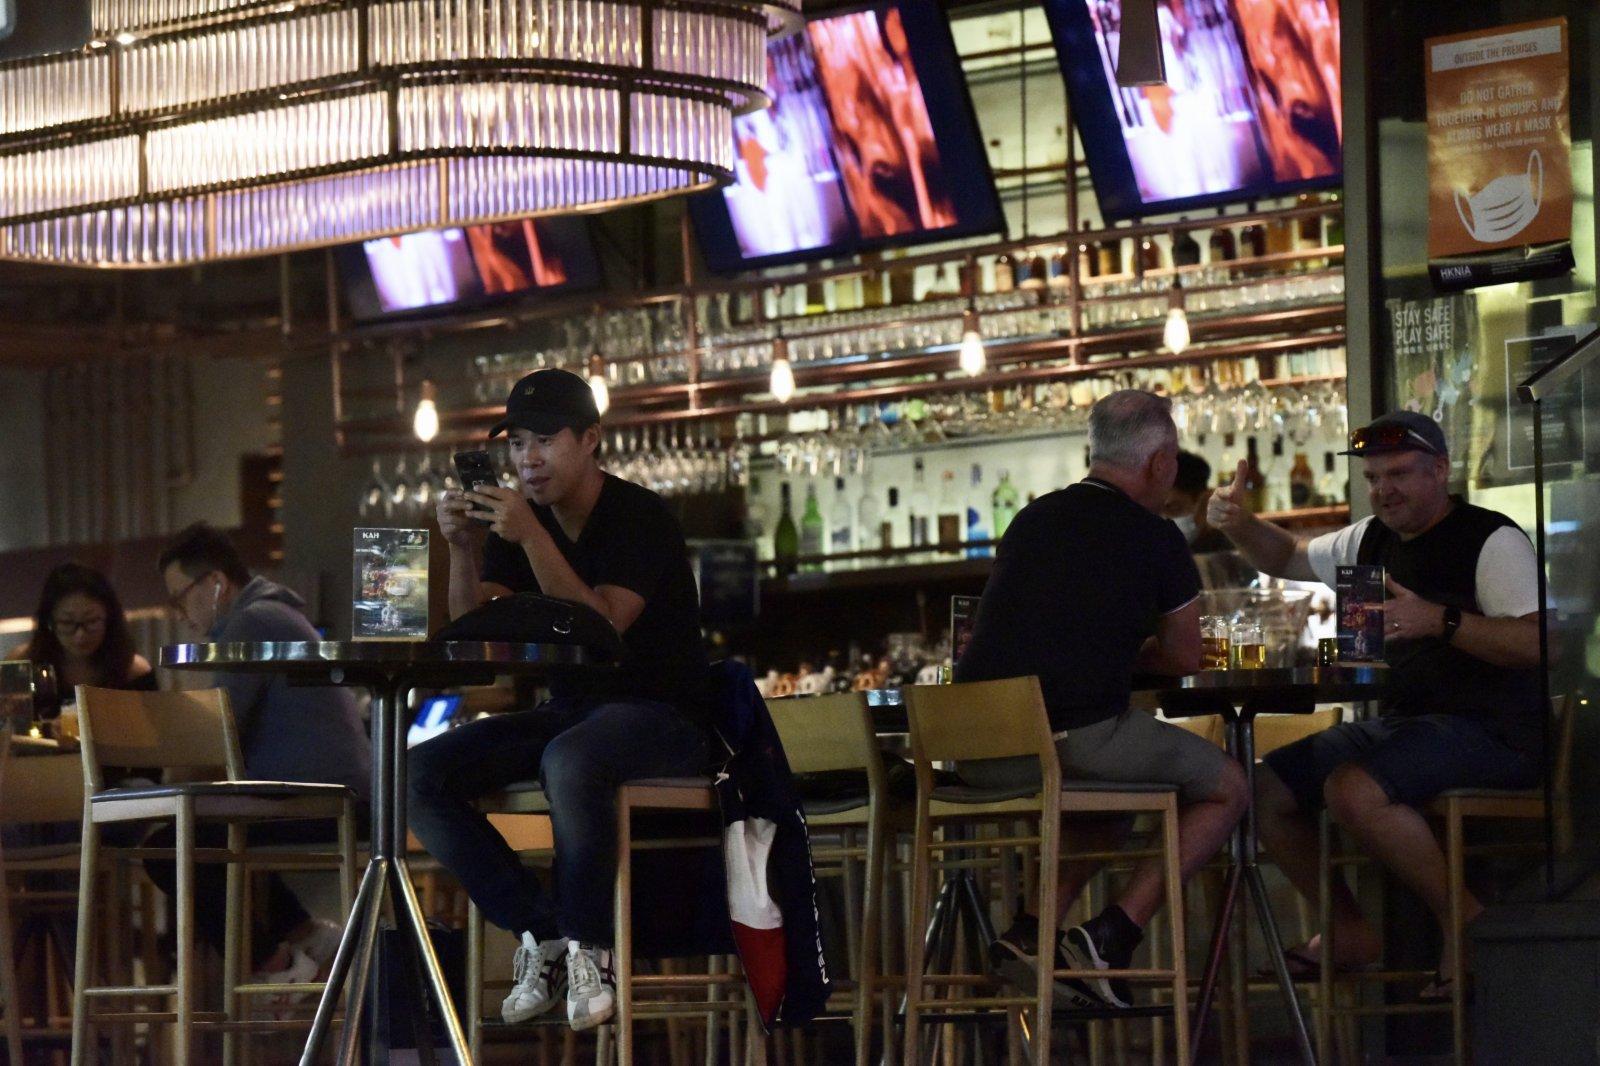 16日起再度收緊社交距離限制措施,酒吧每枱人數上限減至兩人。圖為中環蘭桂坊,市民正在消遣。 (中新社)